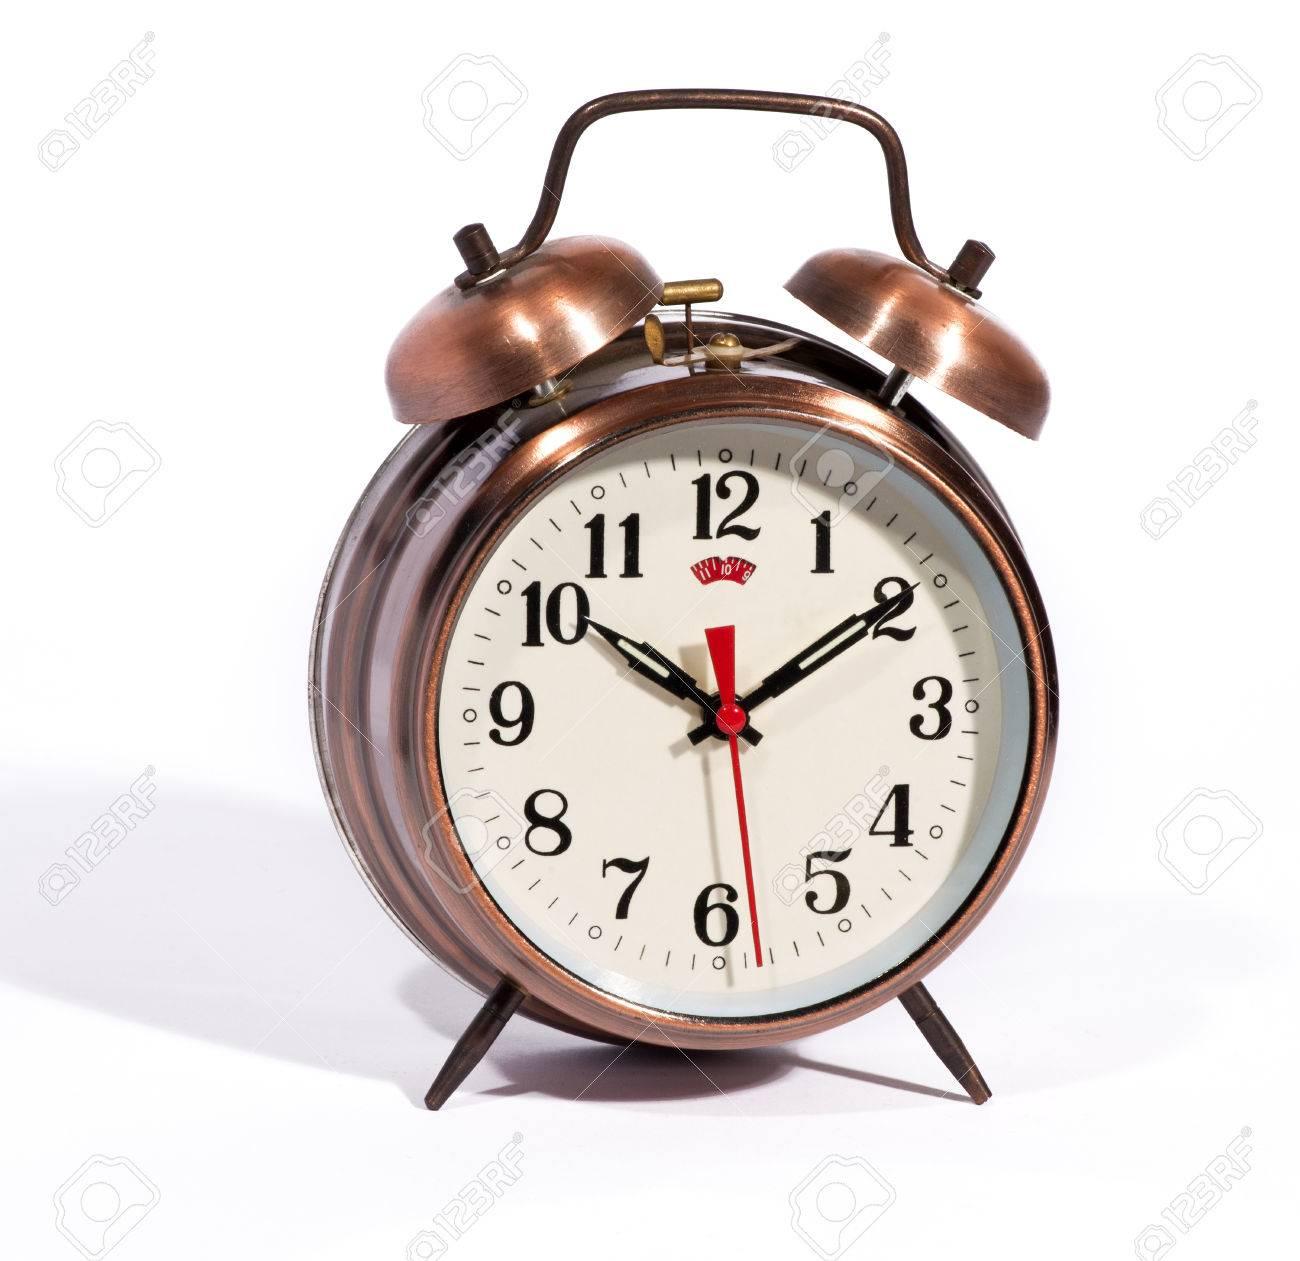 169934faf7c2 Bronce clásico color reloj despertador de estilo vintage con las campanas y  un reloj moderno